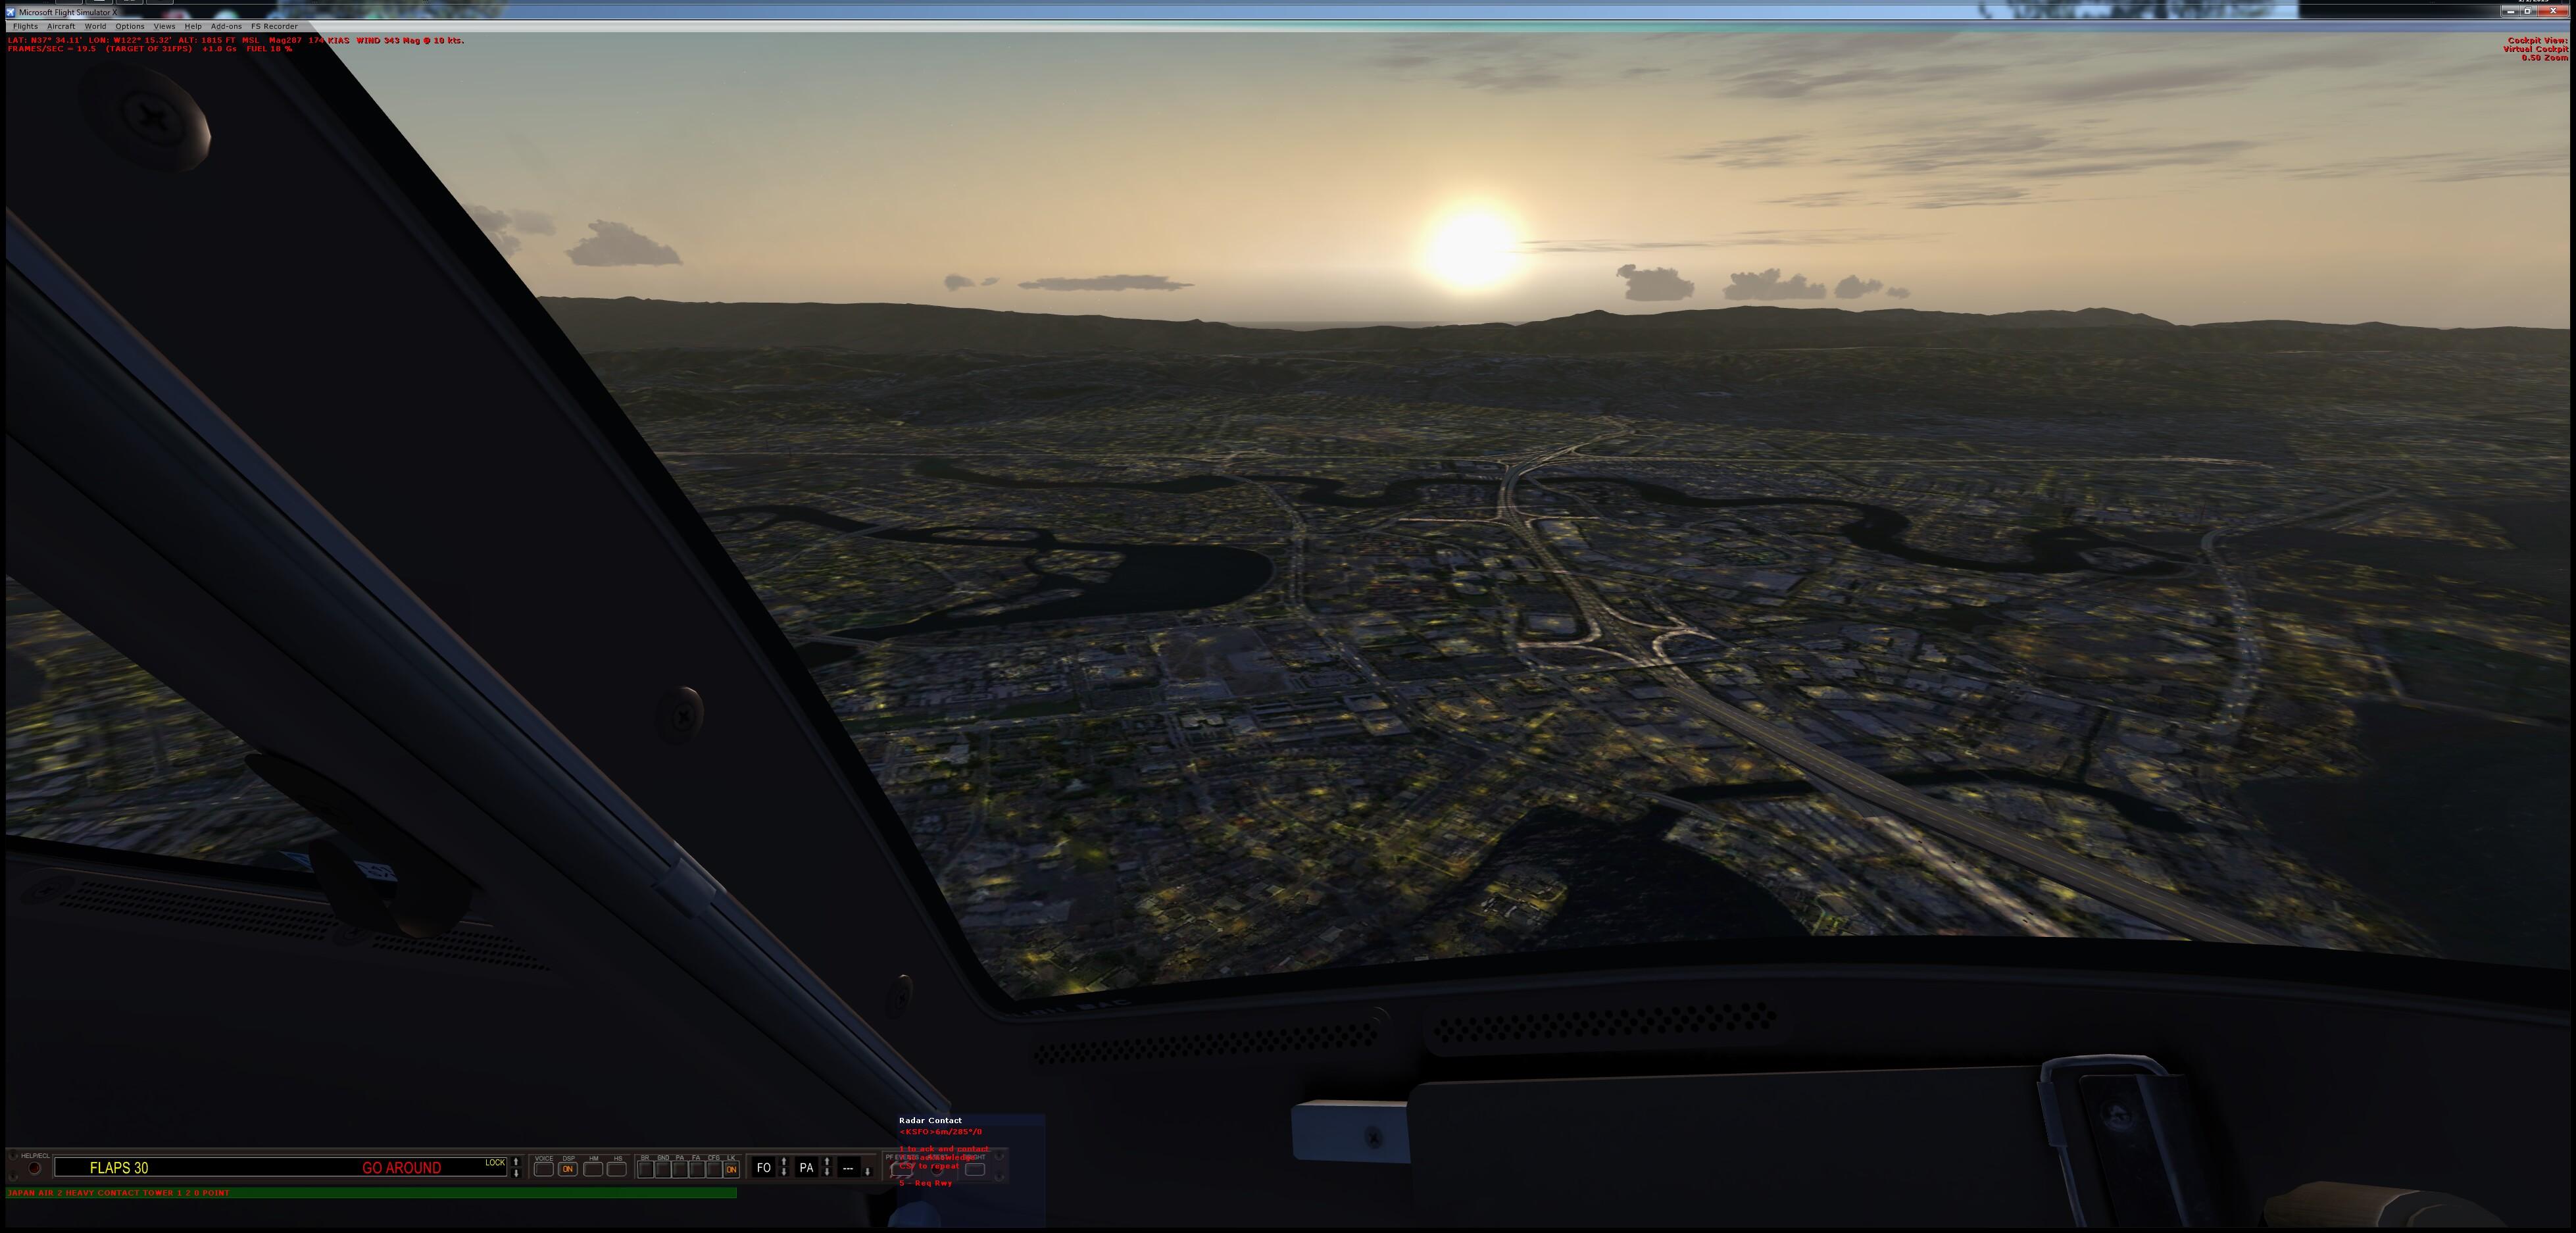 ScreenshotsRJTT-KSFO-35.jpg